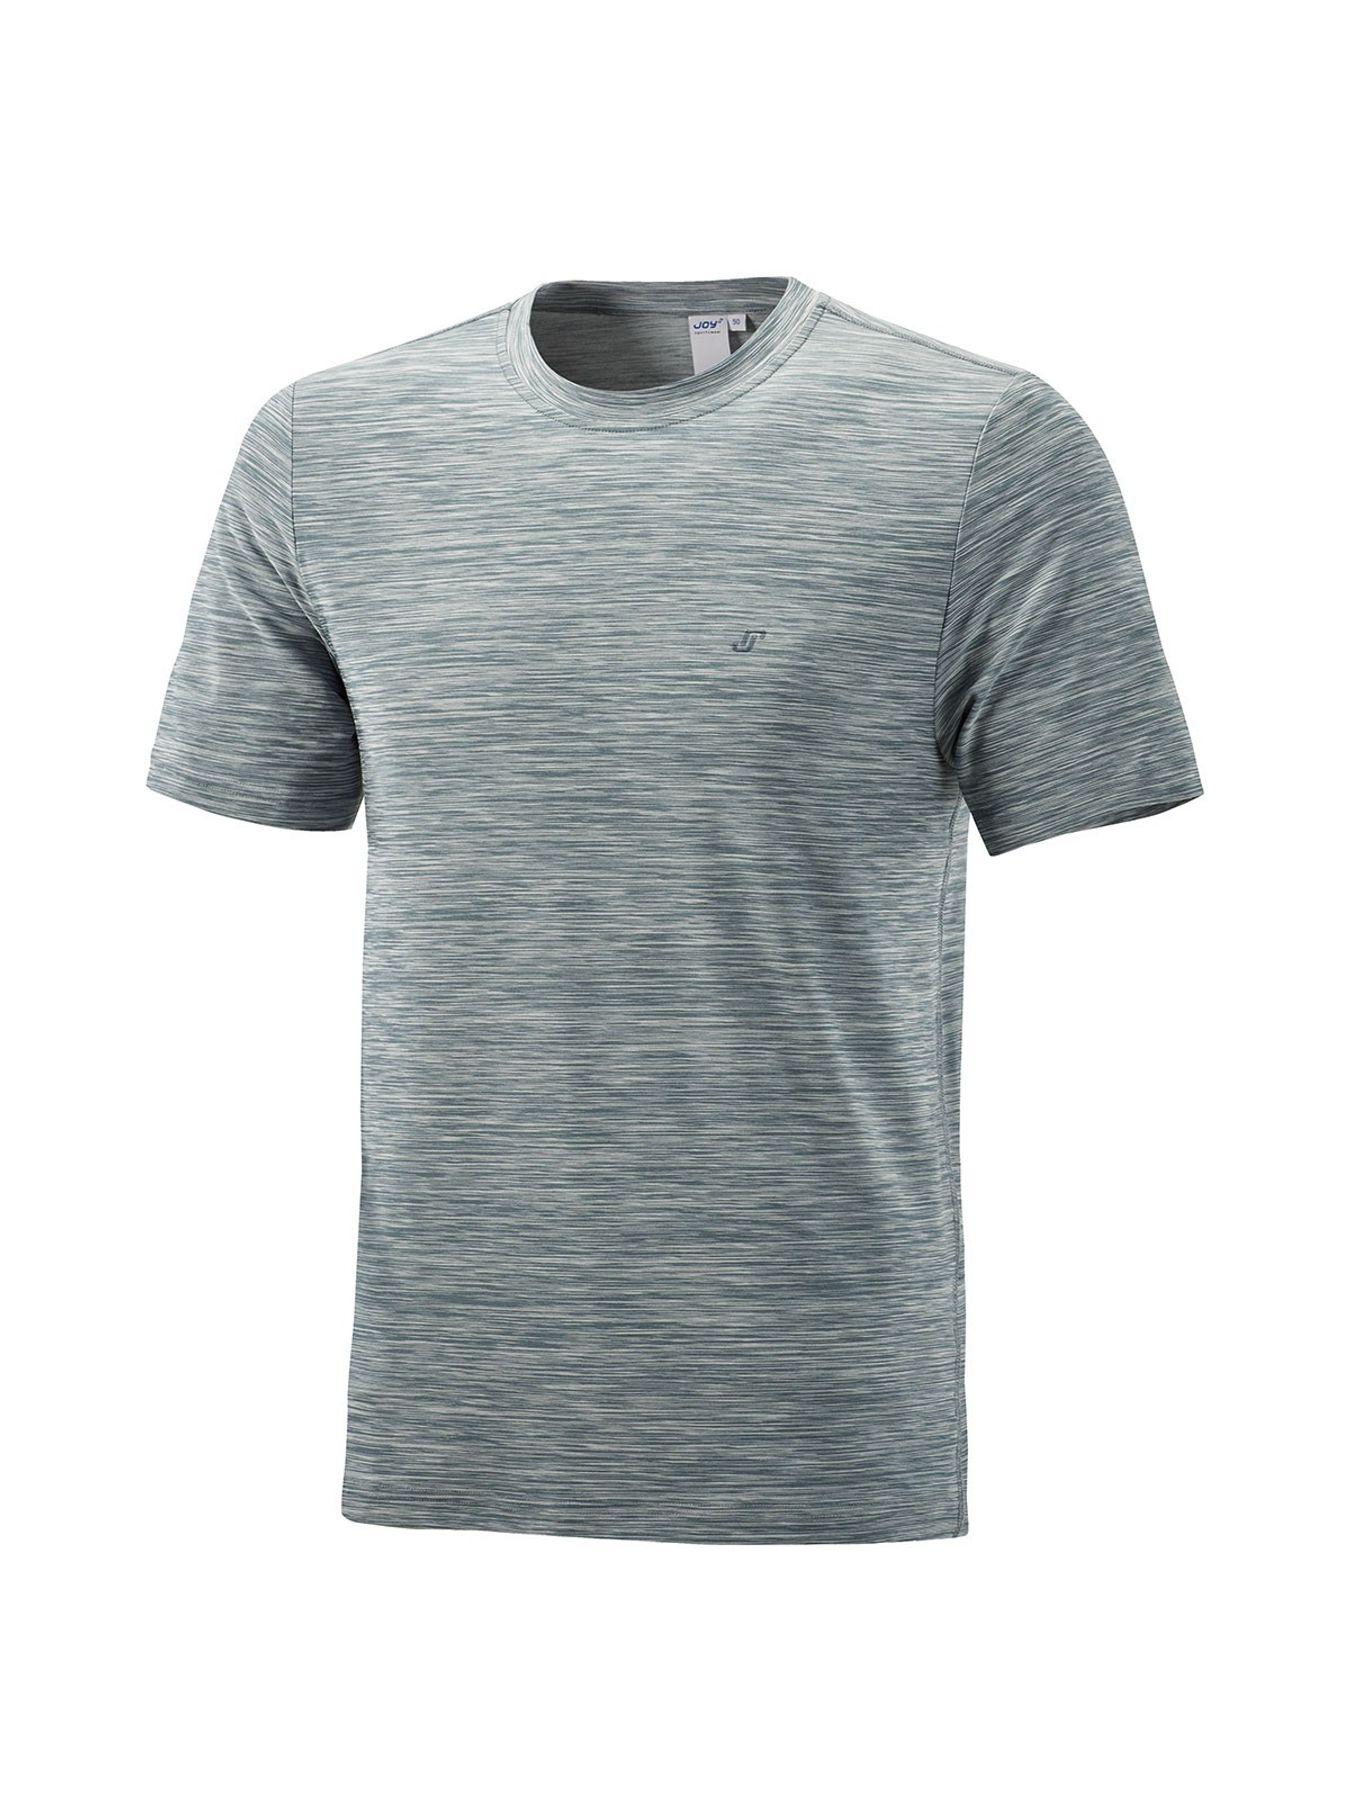 Joy - Herren Sport und Freizeit Shirt mit Rundhalsausschnitt, Vitus (40205) – Bild 3